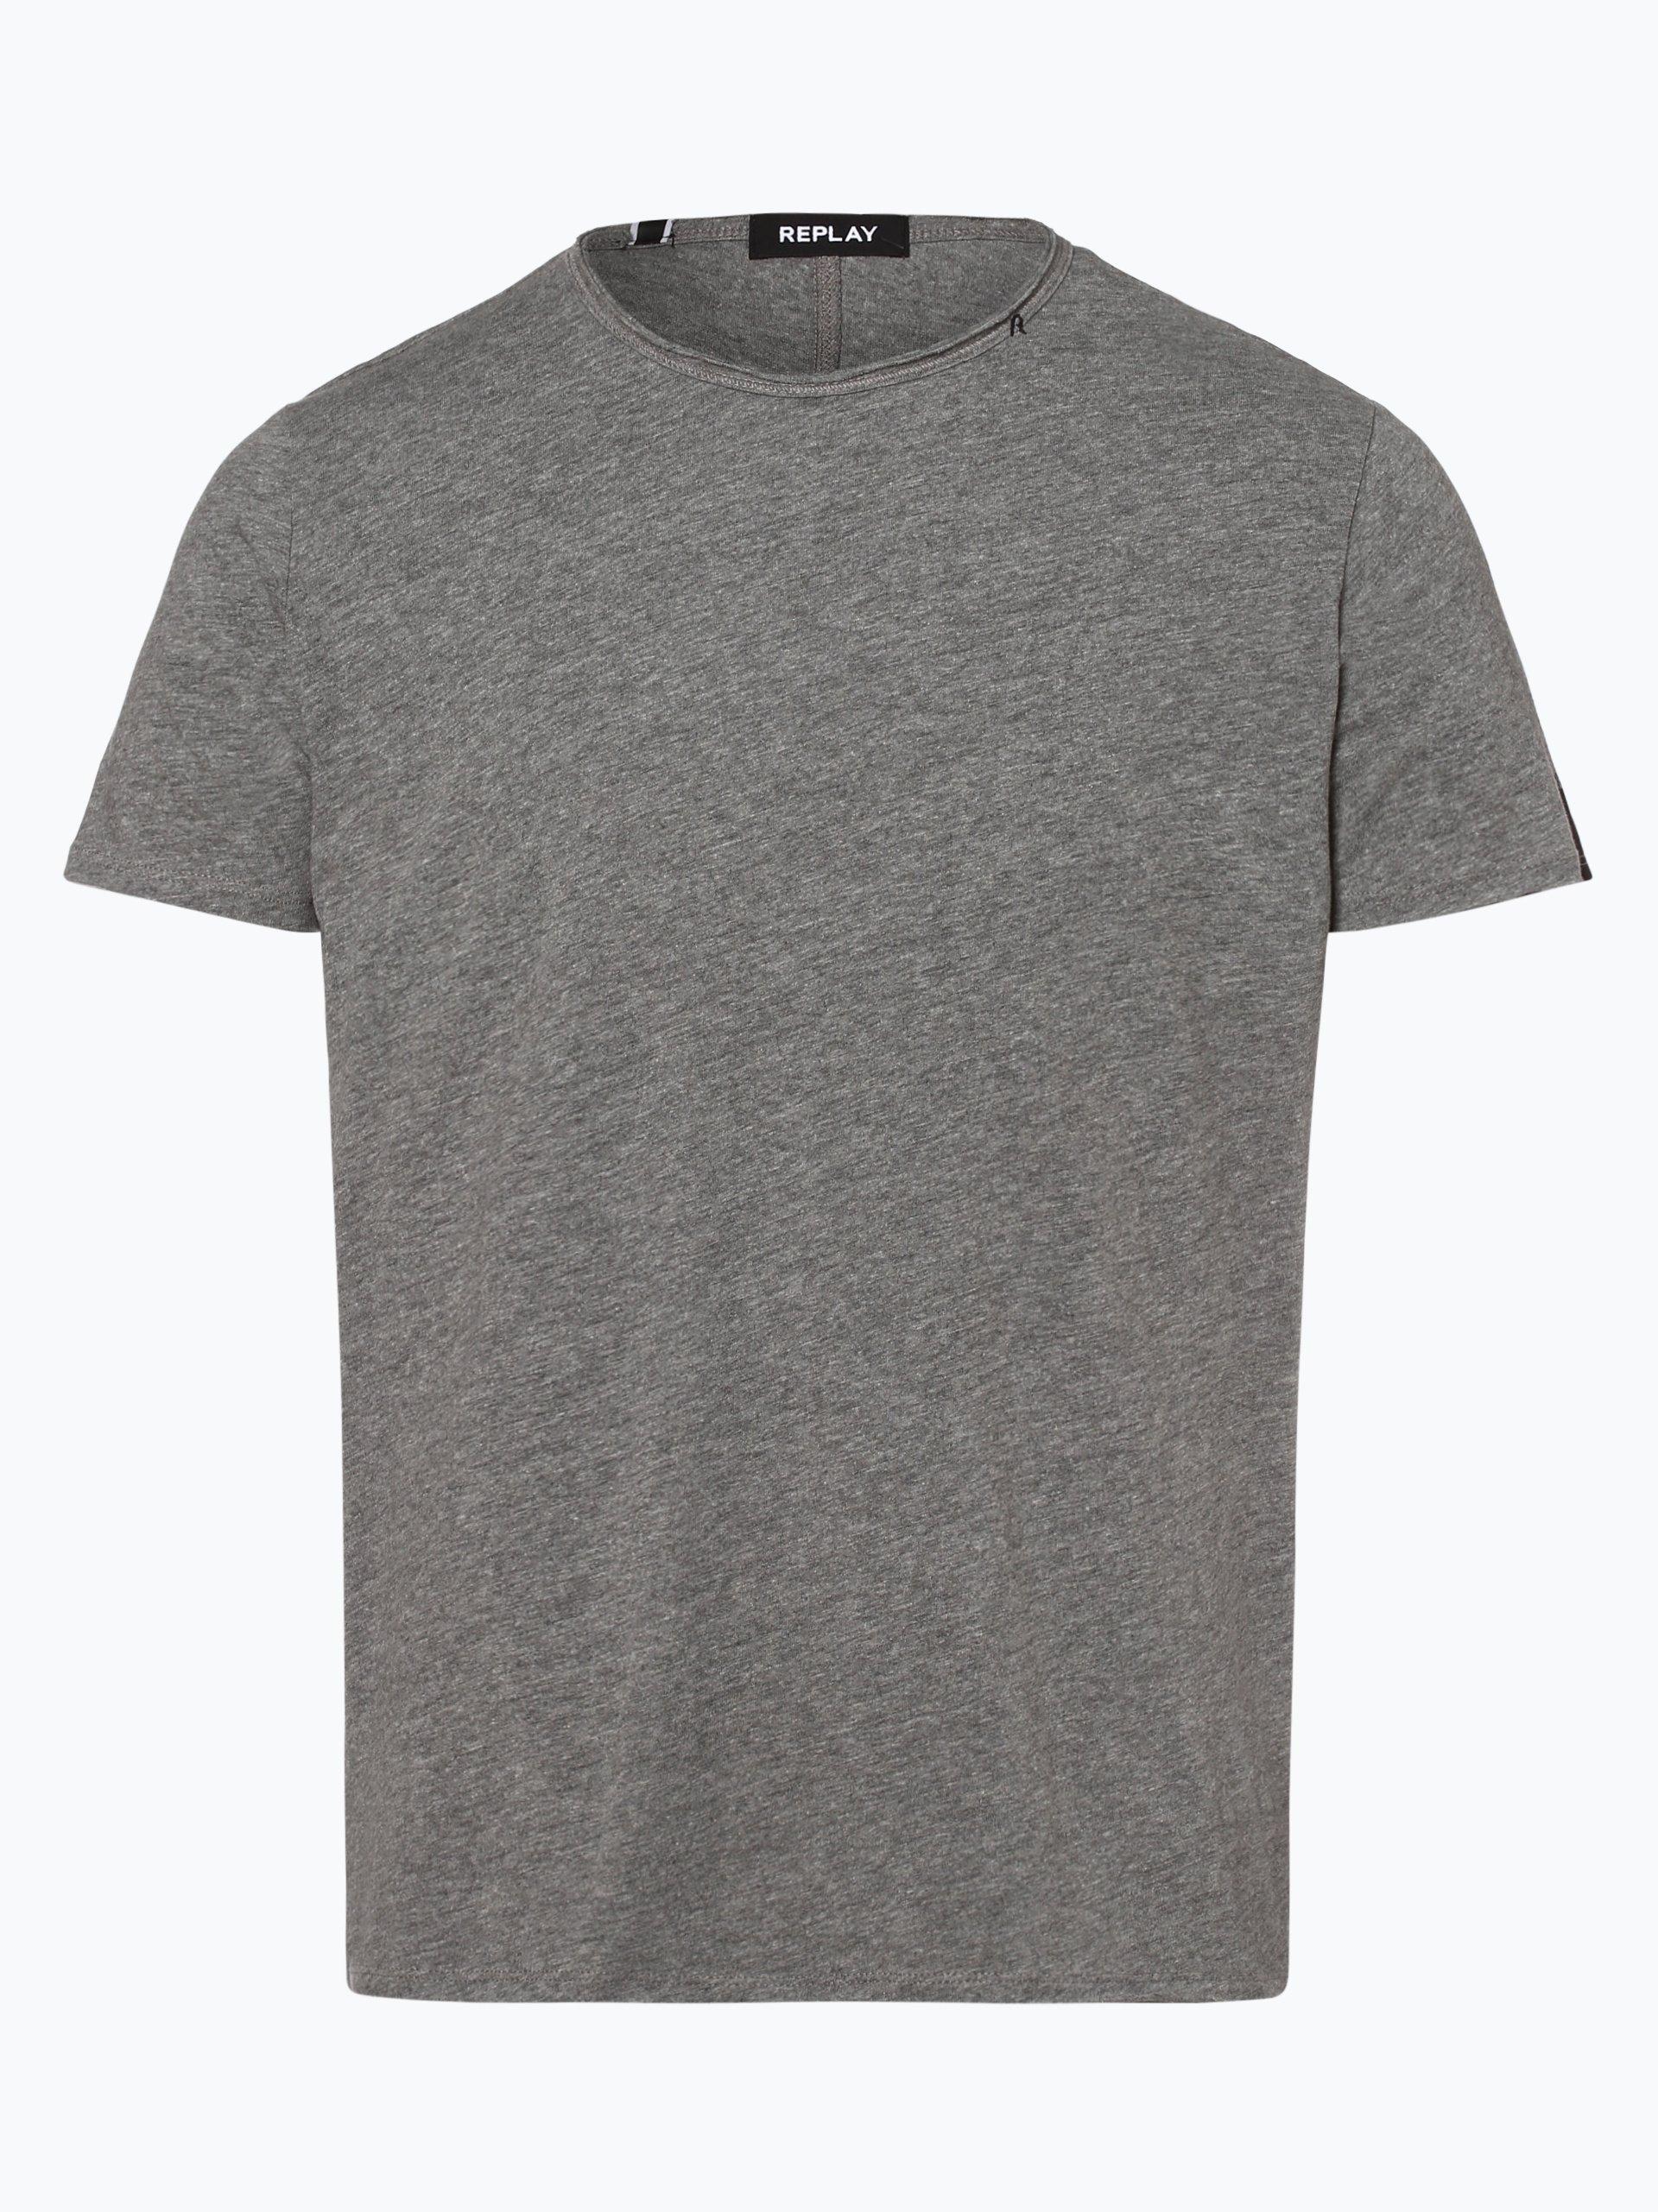 Replay Herren T-Shirt